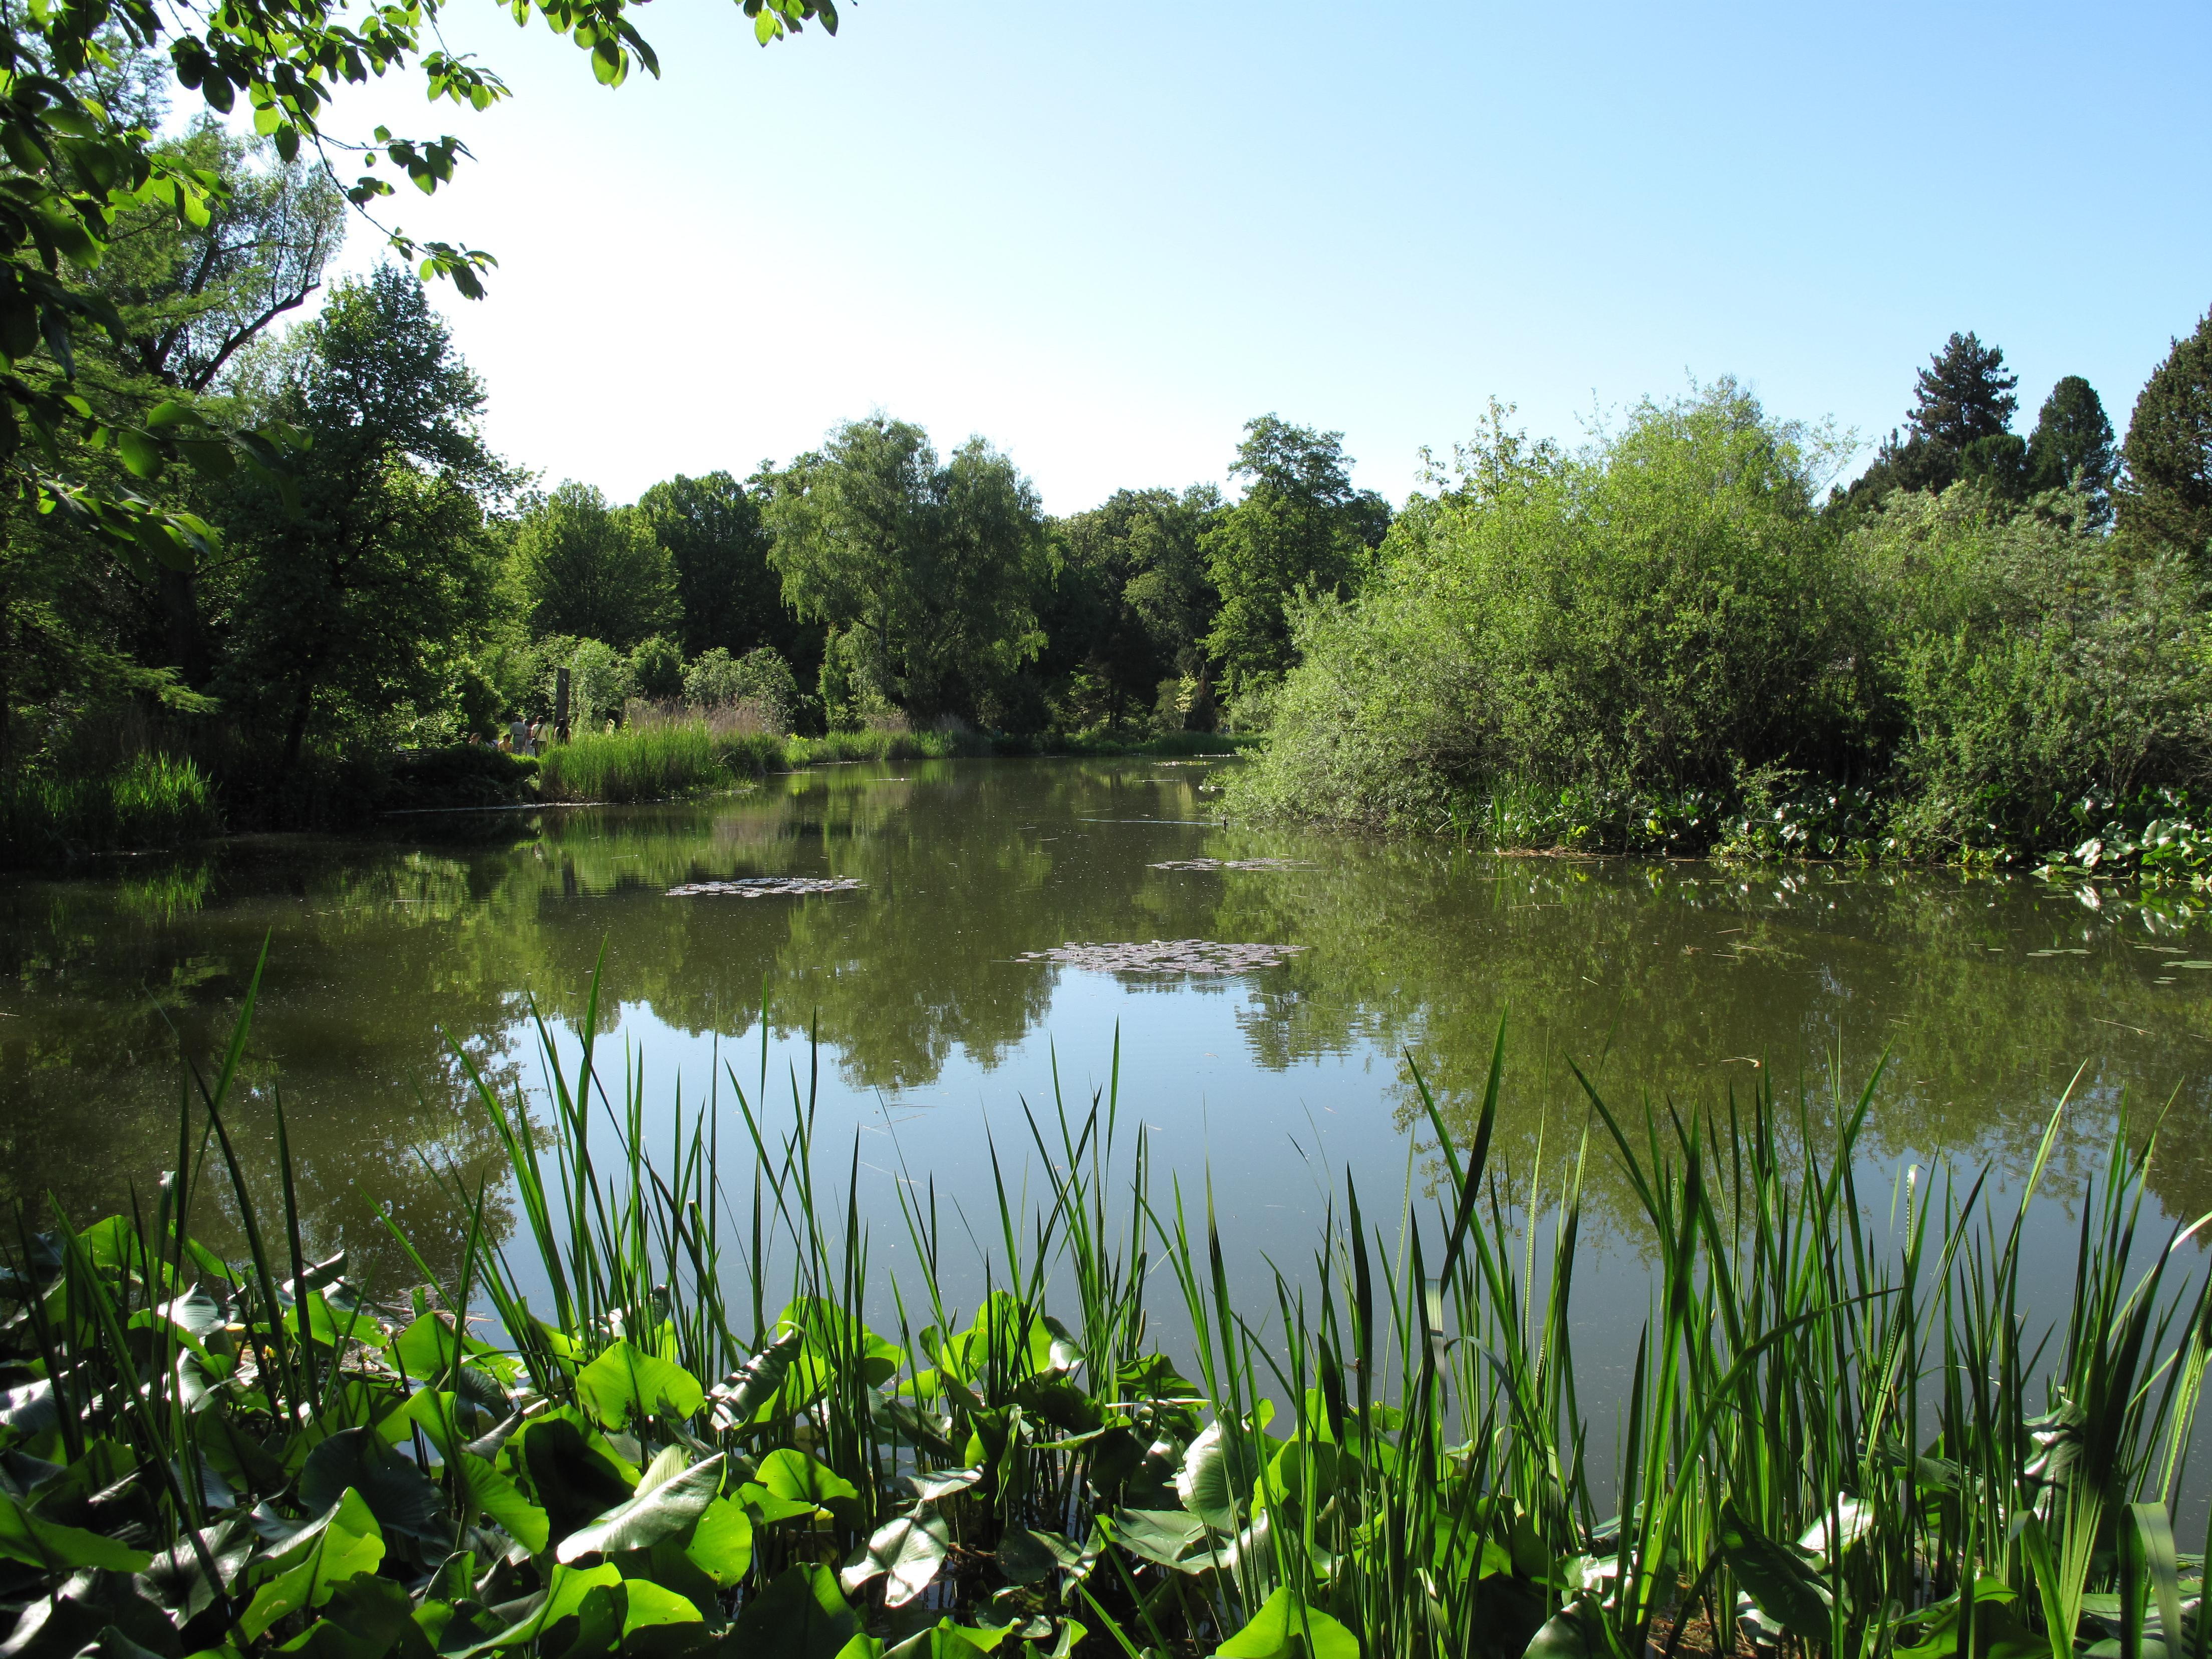 Botanischer Garten München-nymphenburg ? Wikipedia Garten Dezember Wo Was Verbessern